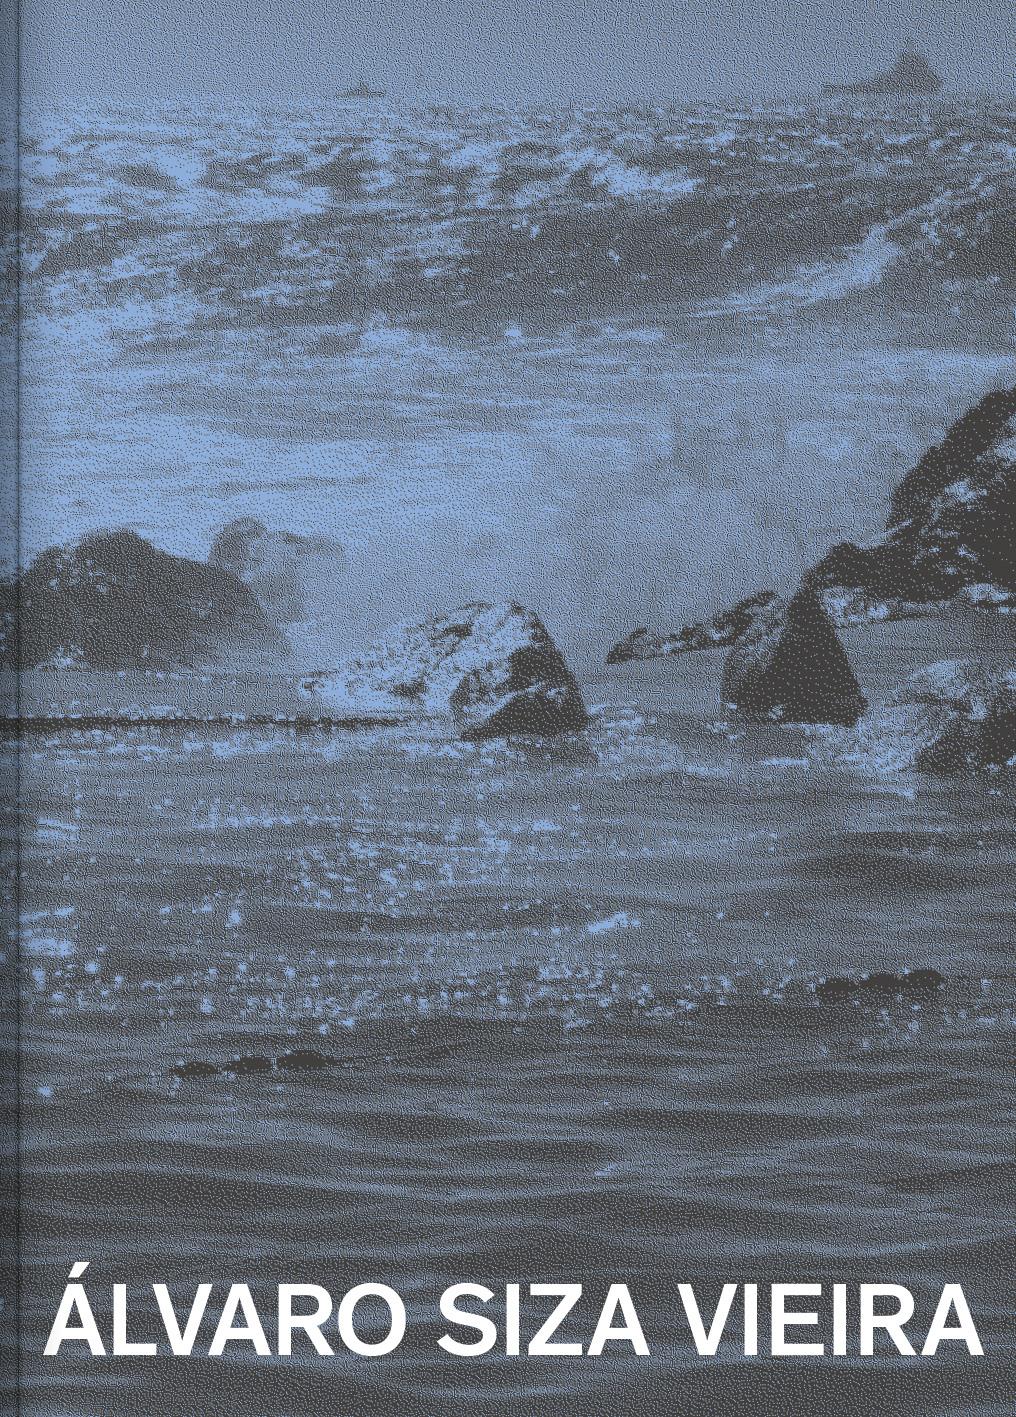 Álvaro Siza Vieira: A Pool In The Sea.